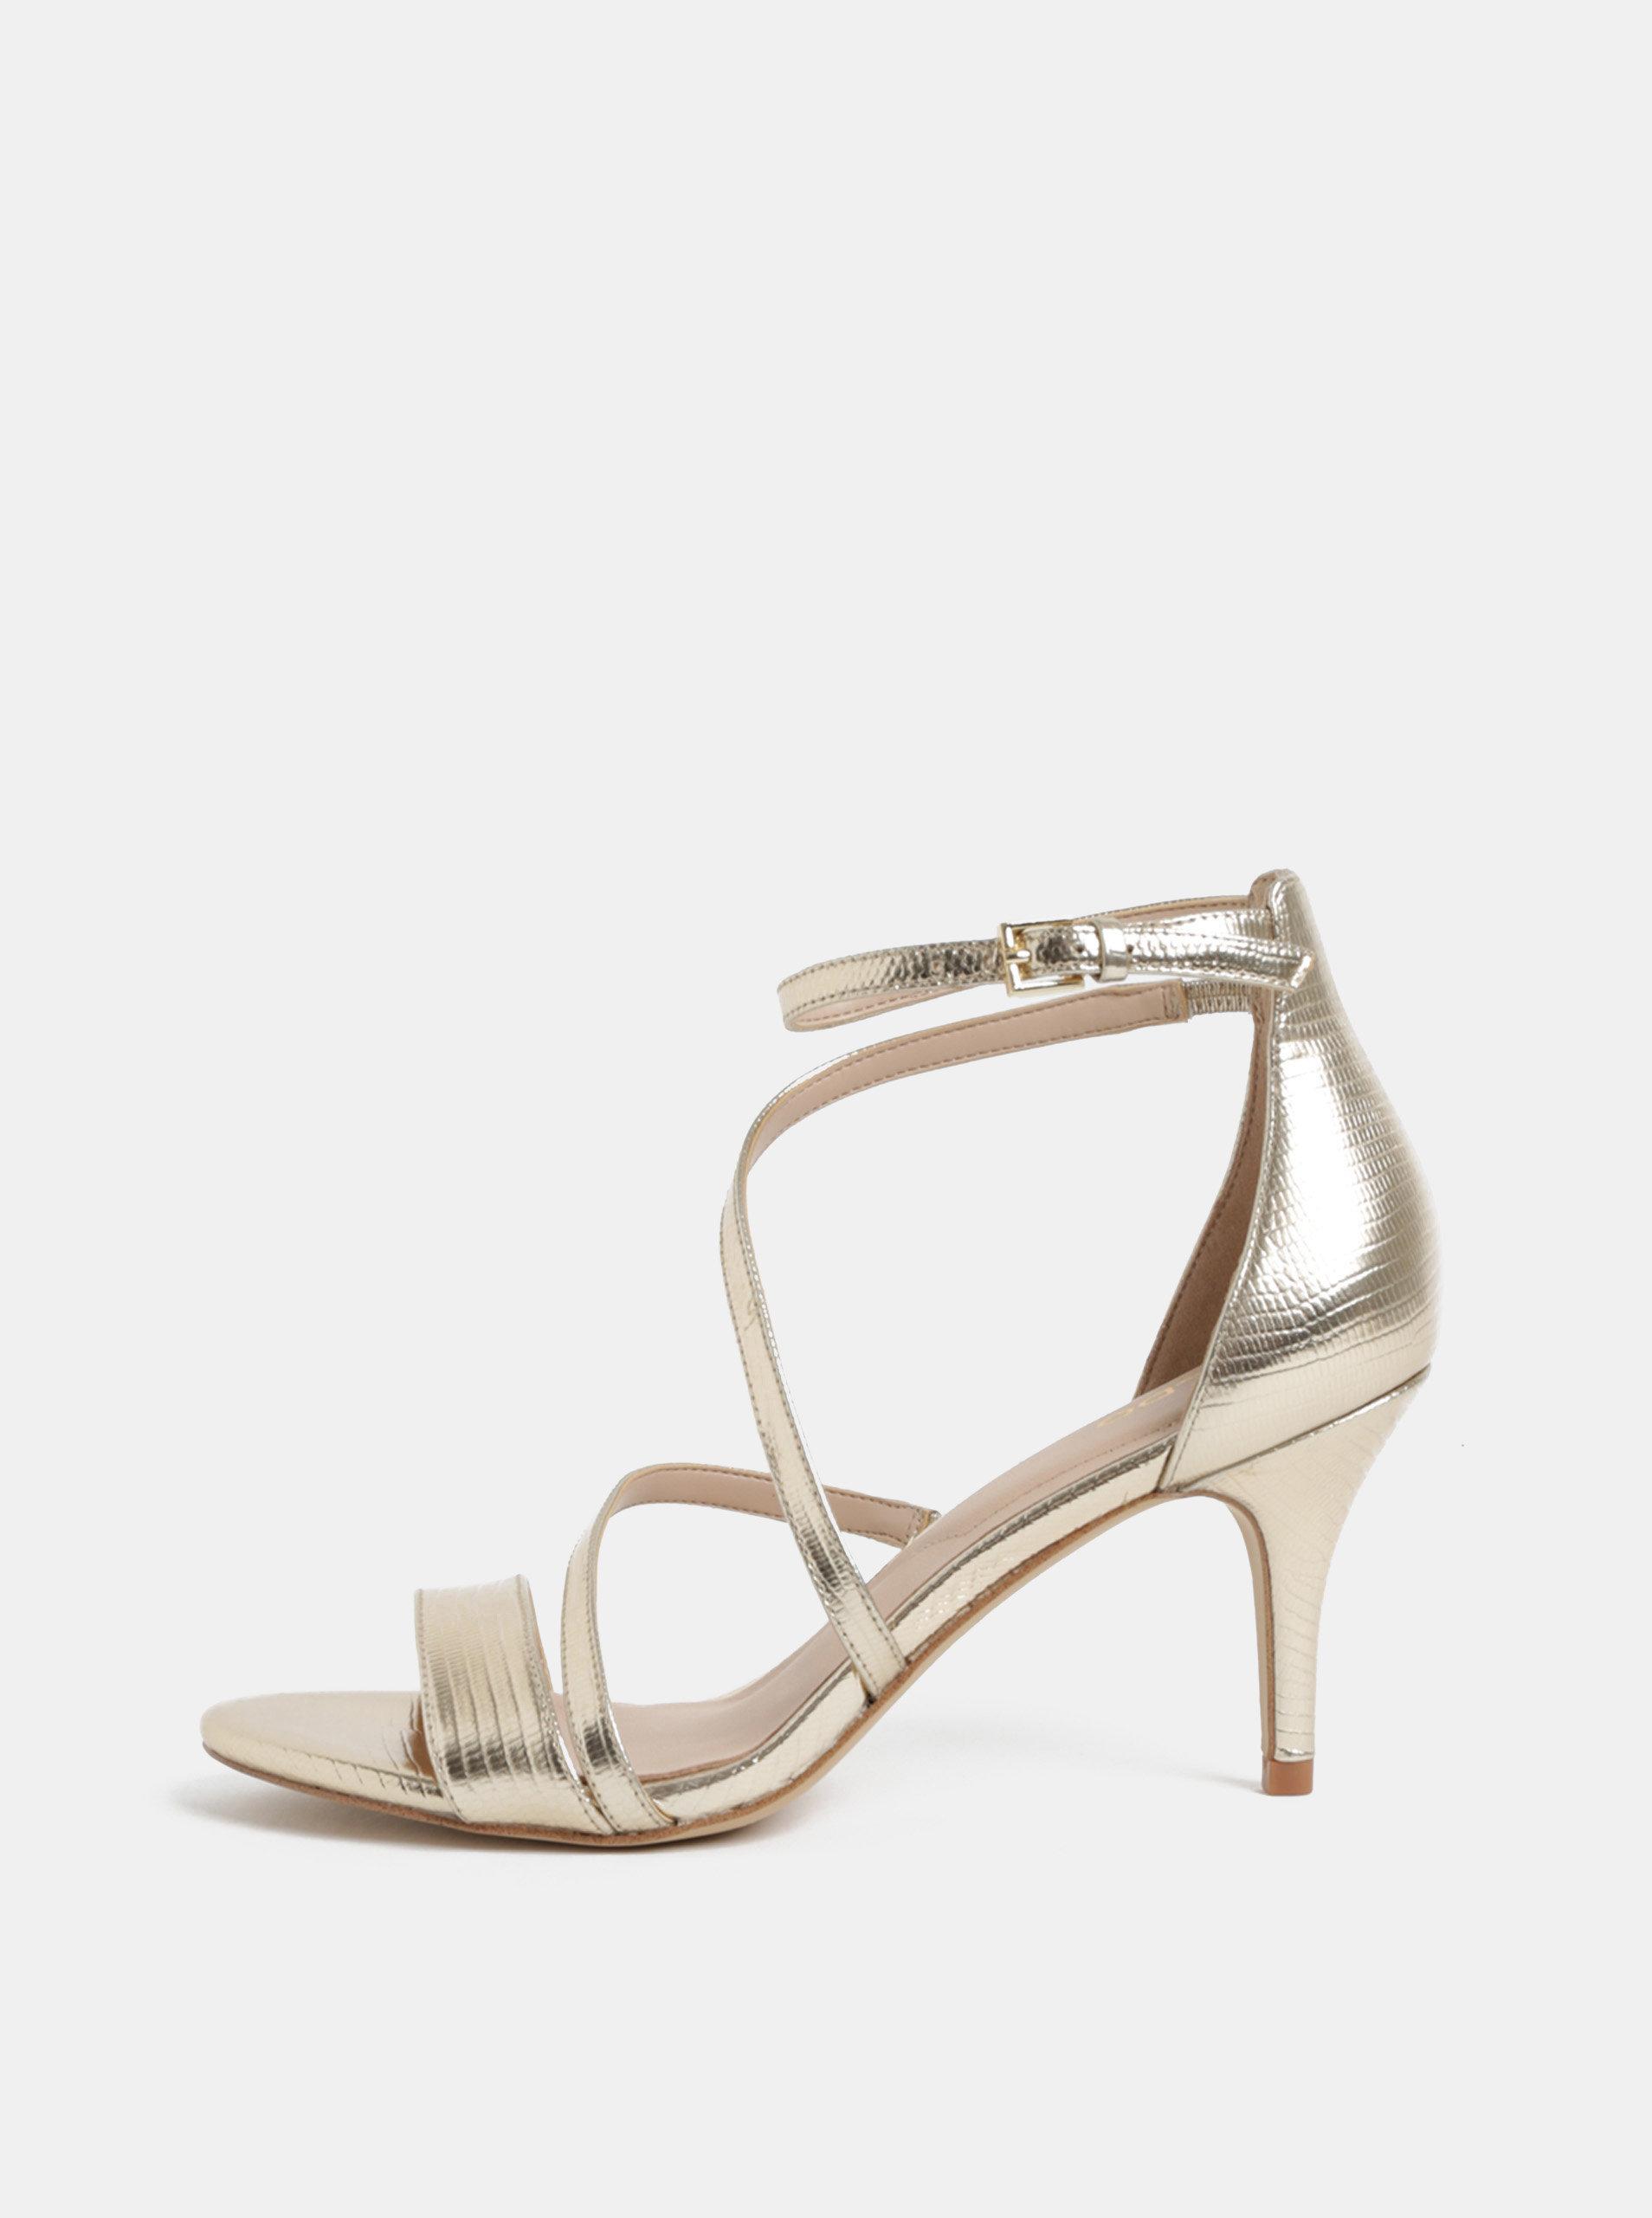 2c326fe1131 Sandálky ve zlaté barvě na jehlovém podpatku ALDO ...